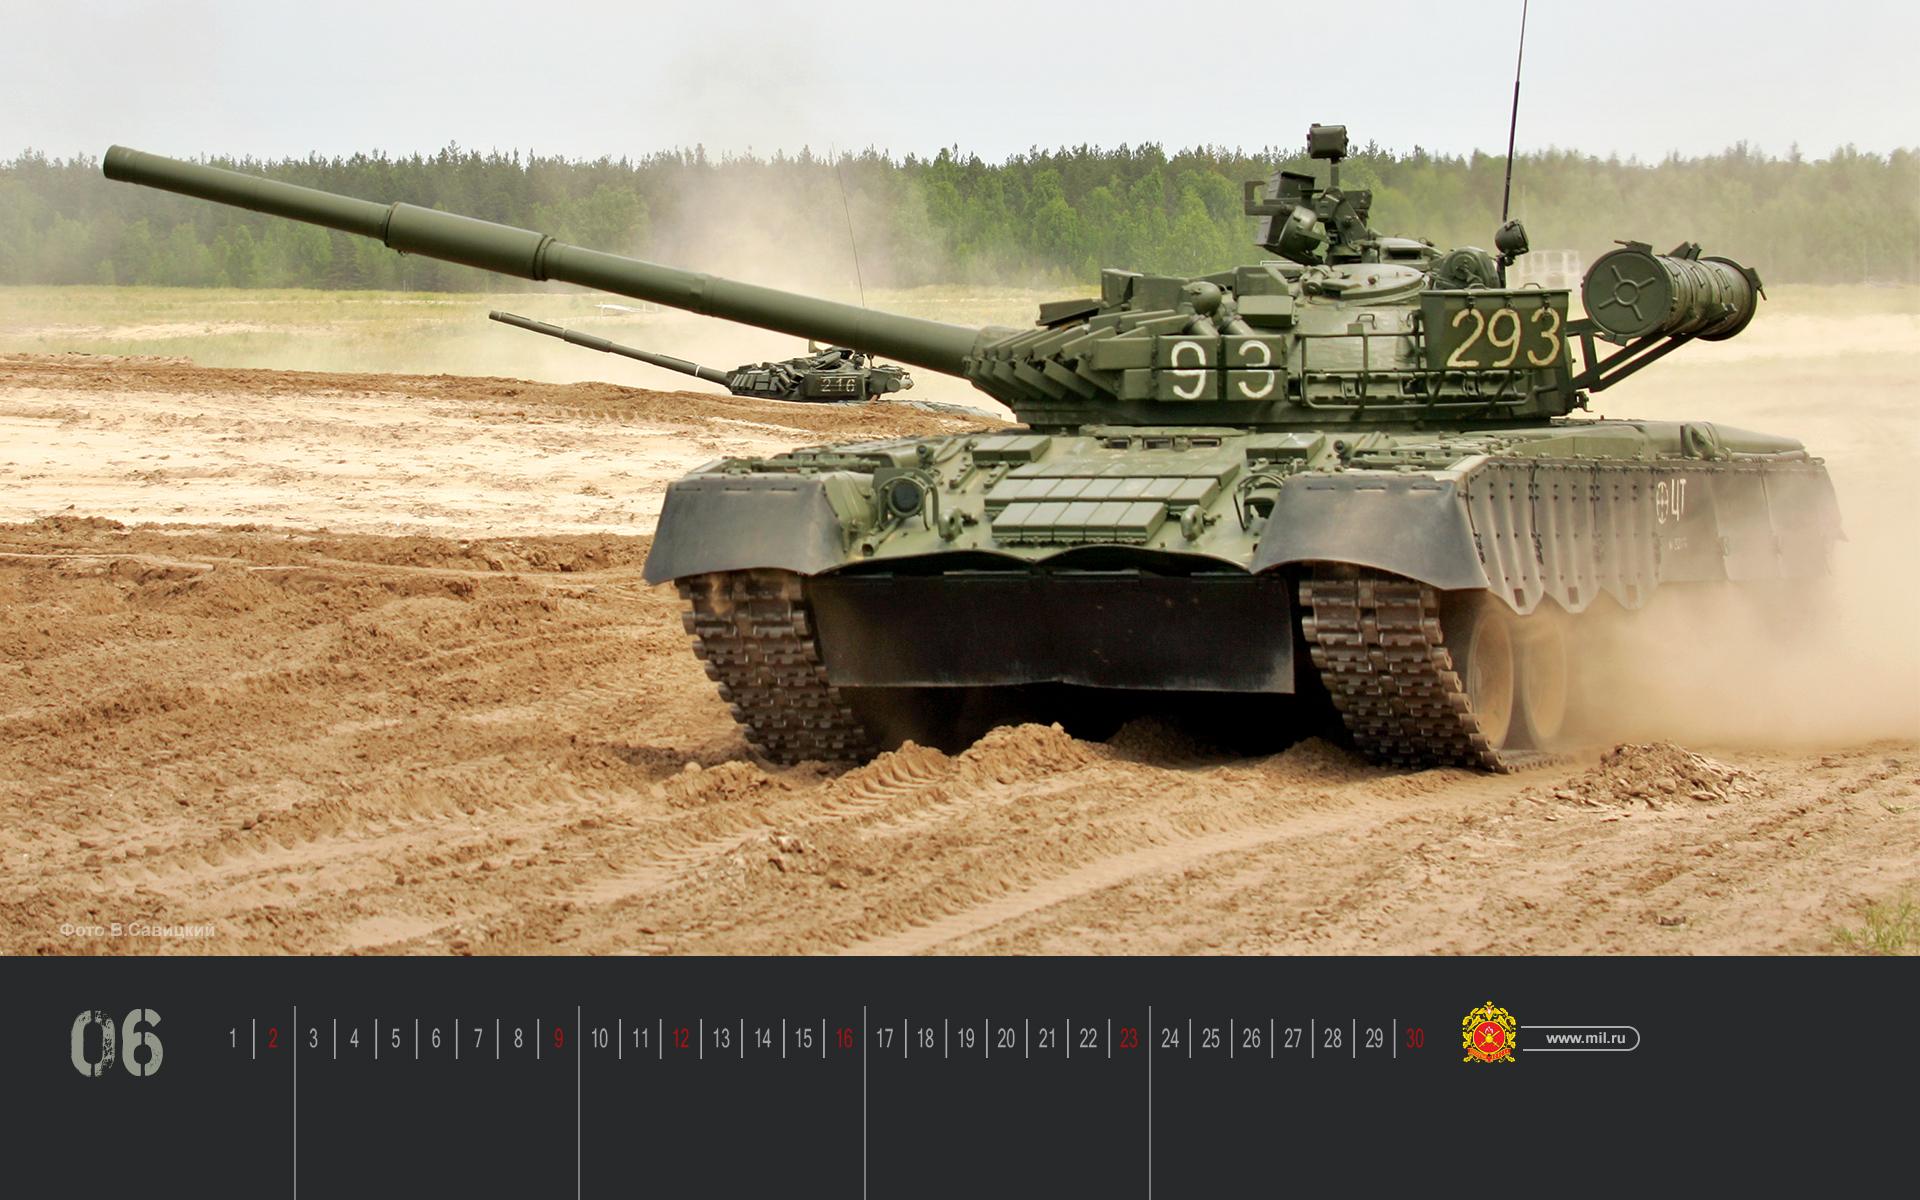 El nuevo ejército ruso... - Página 2 0_86dcc_b4299a6c_orig